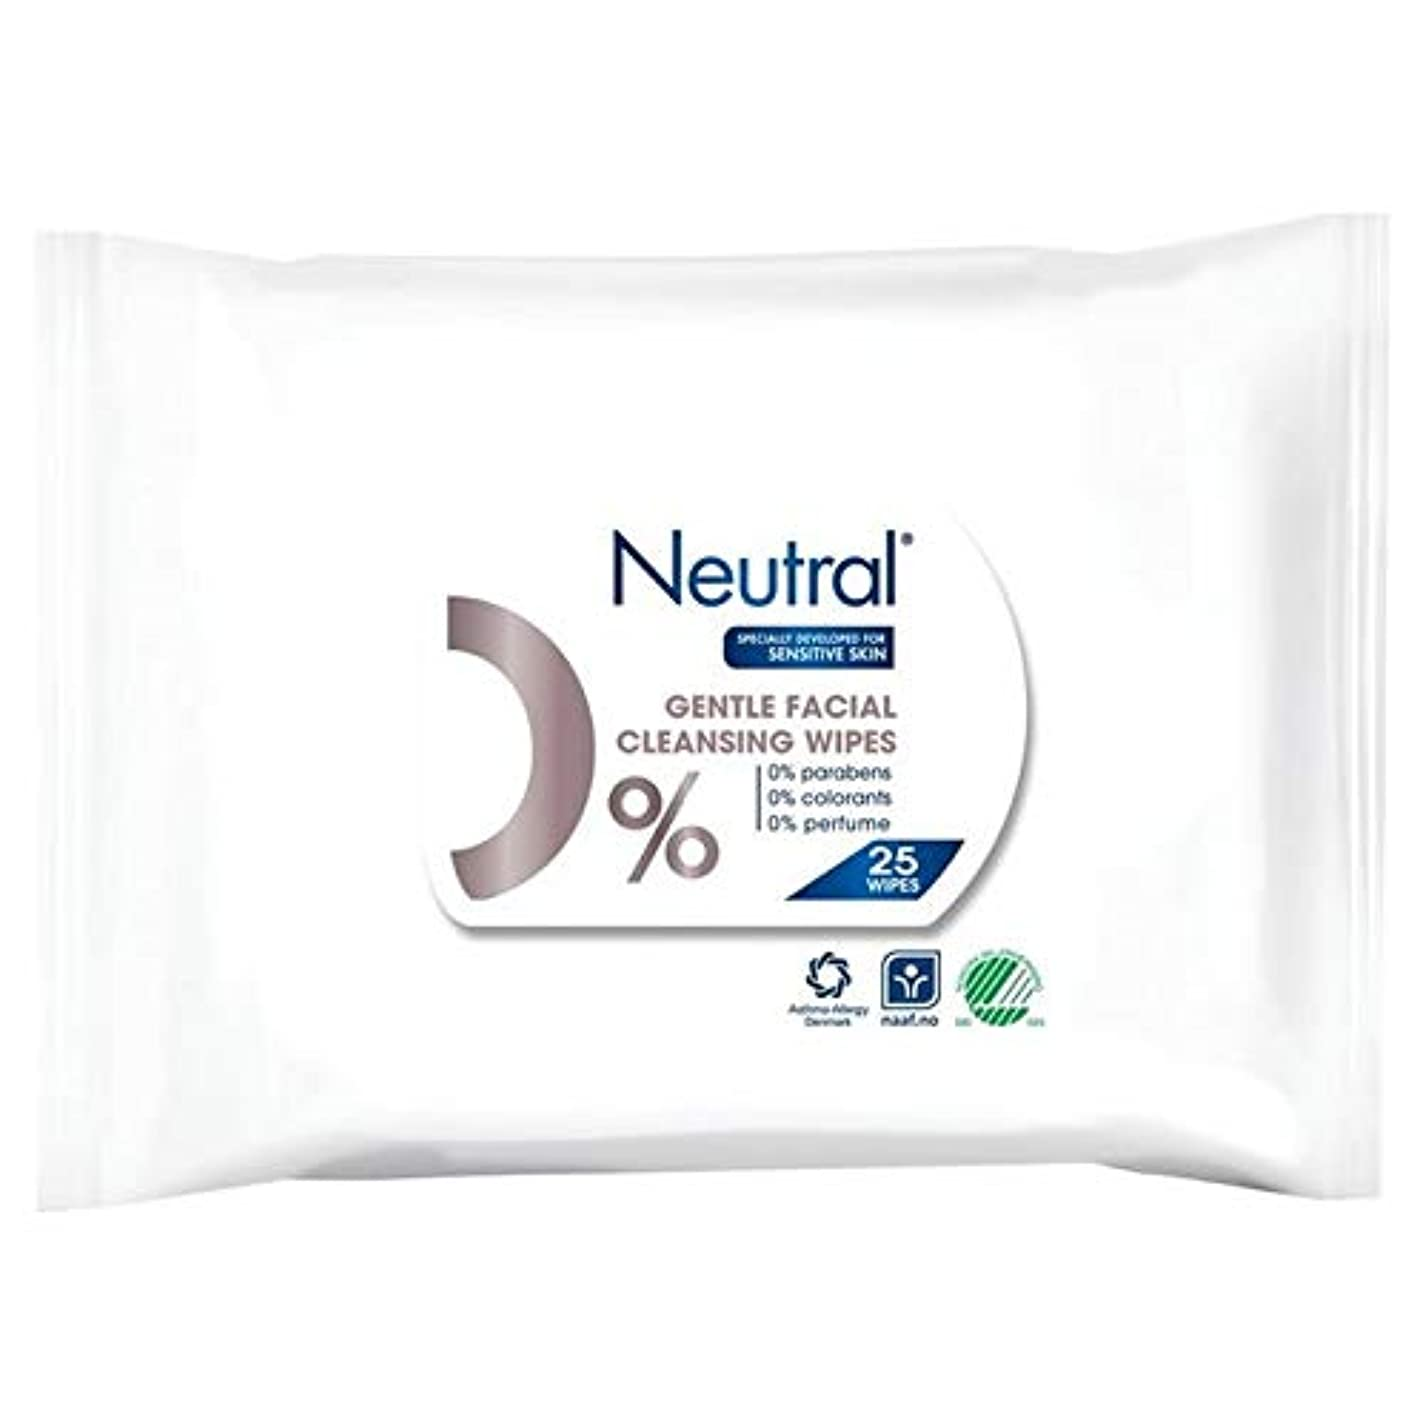 錫とは異なり情熱[Neutral ] ニュートラル0%顔はパックあたり25ワイプ - Neutral 0% Face Wipes 25 per pack [並行輸入品]